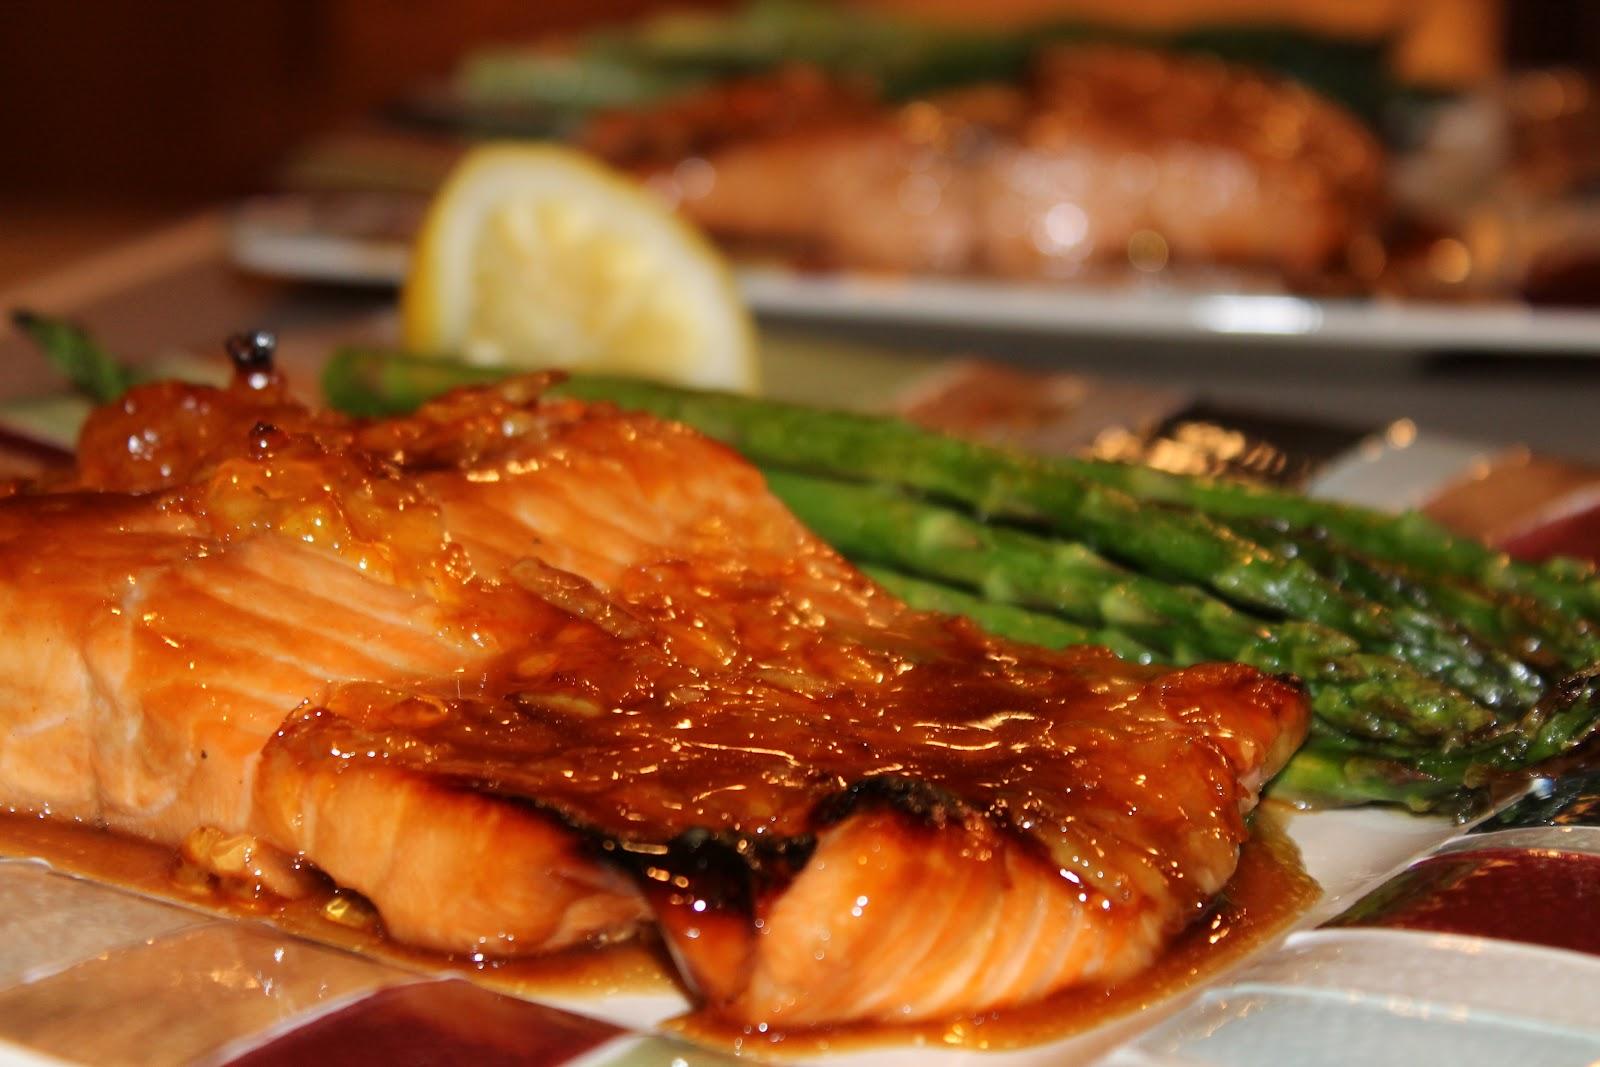 Busy Bites: Orange-Honey Glazed Salmon